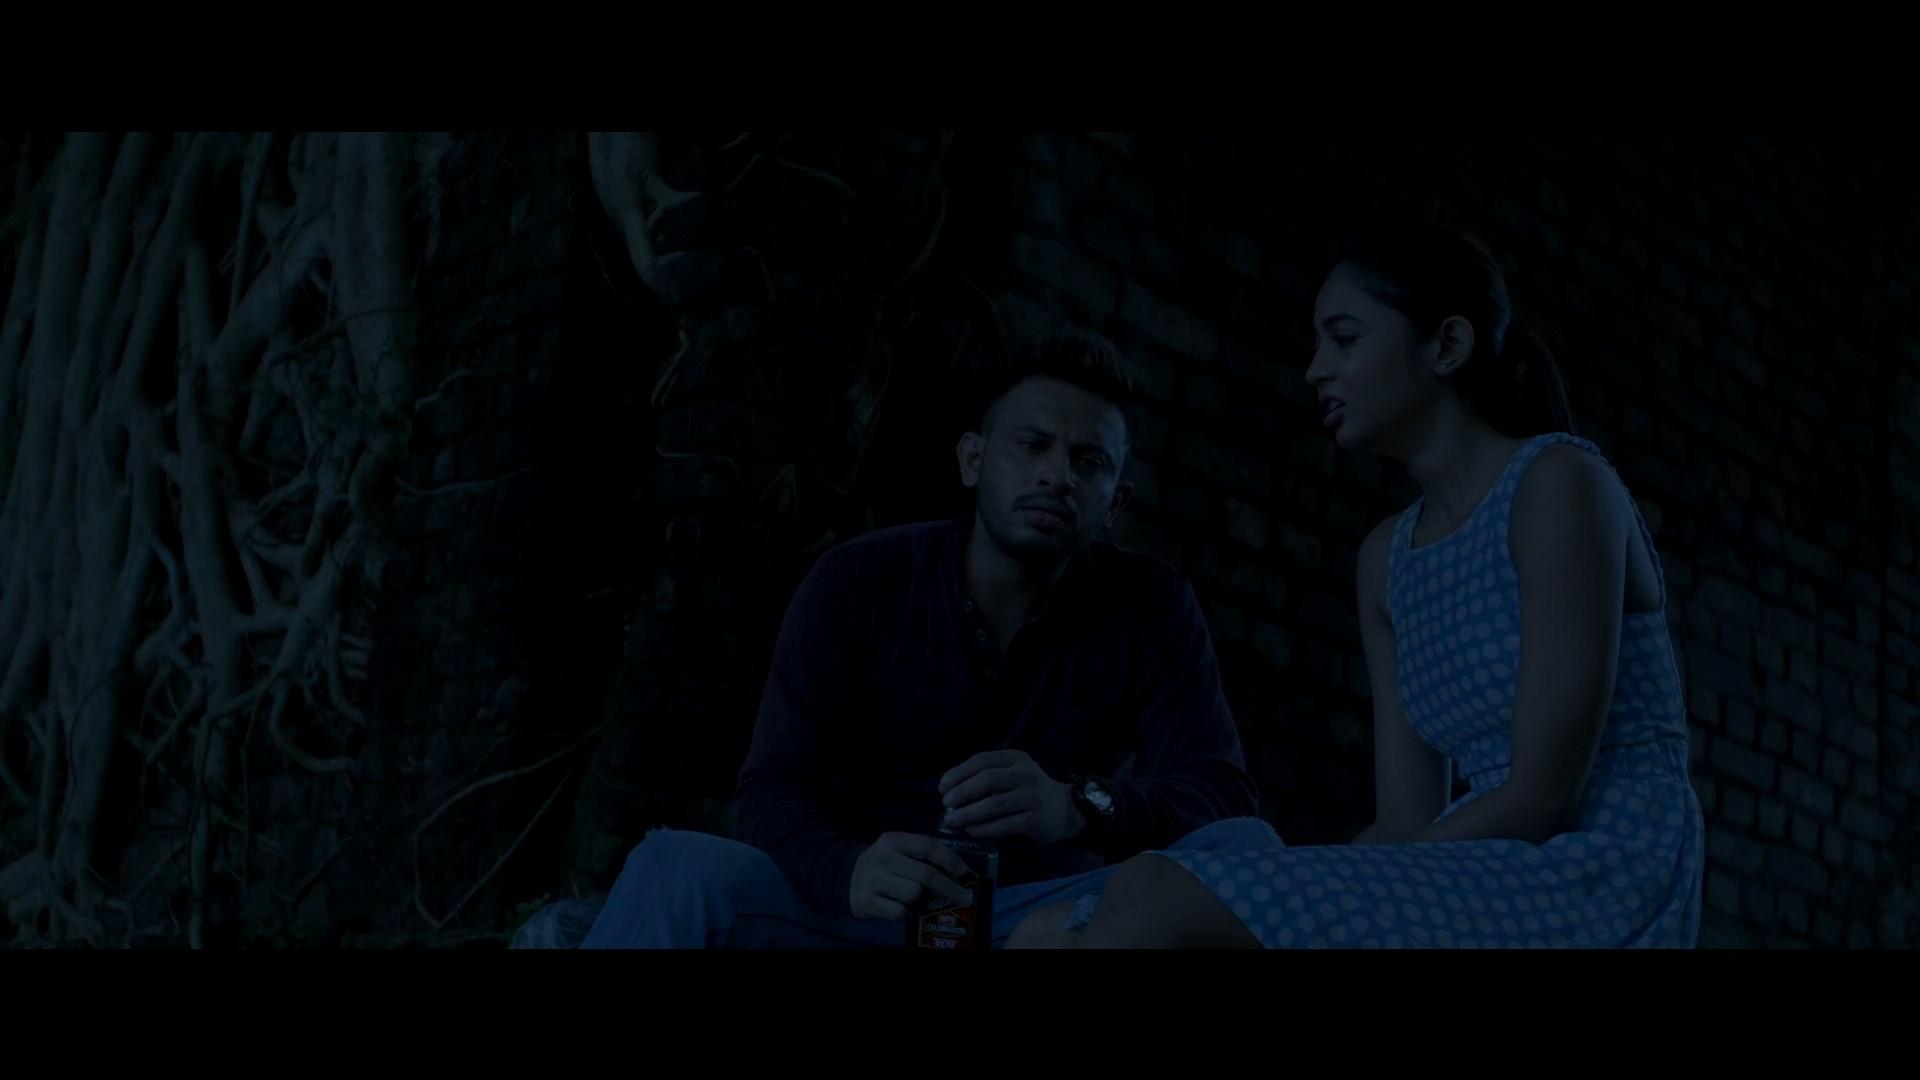 Aschhe Abar Shabor [2018] [Bengali Movie] [x264 1080p Untouched Web DL] [Esub].mkv snapshot 01.59.33